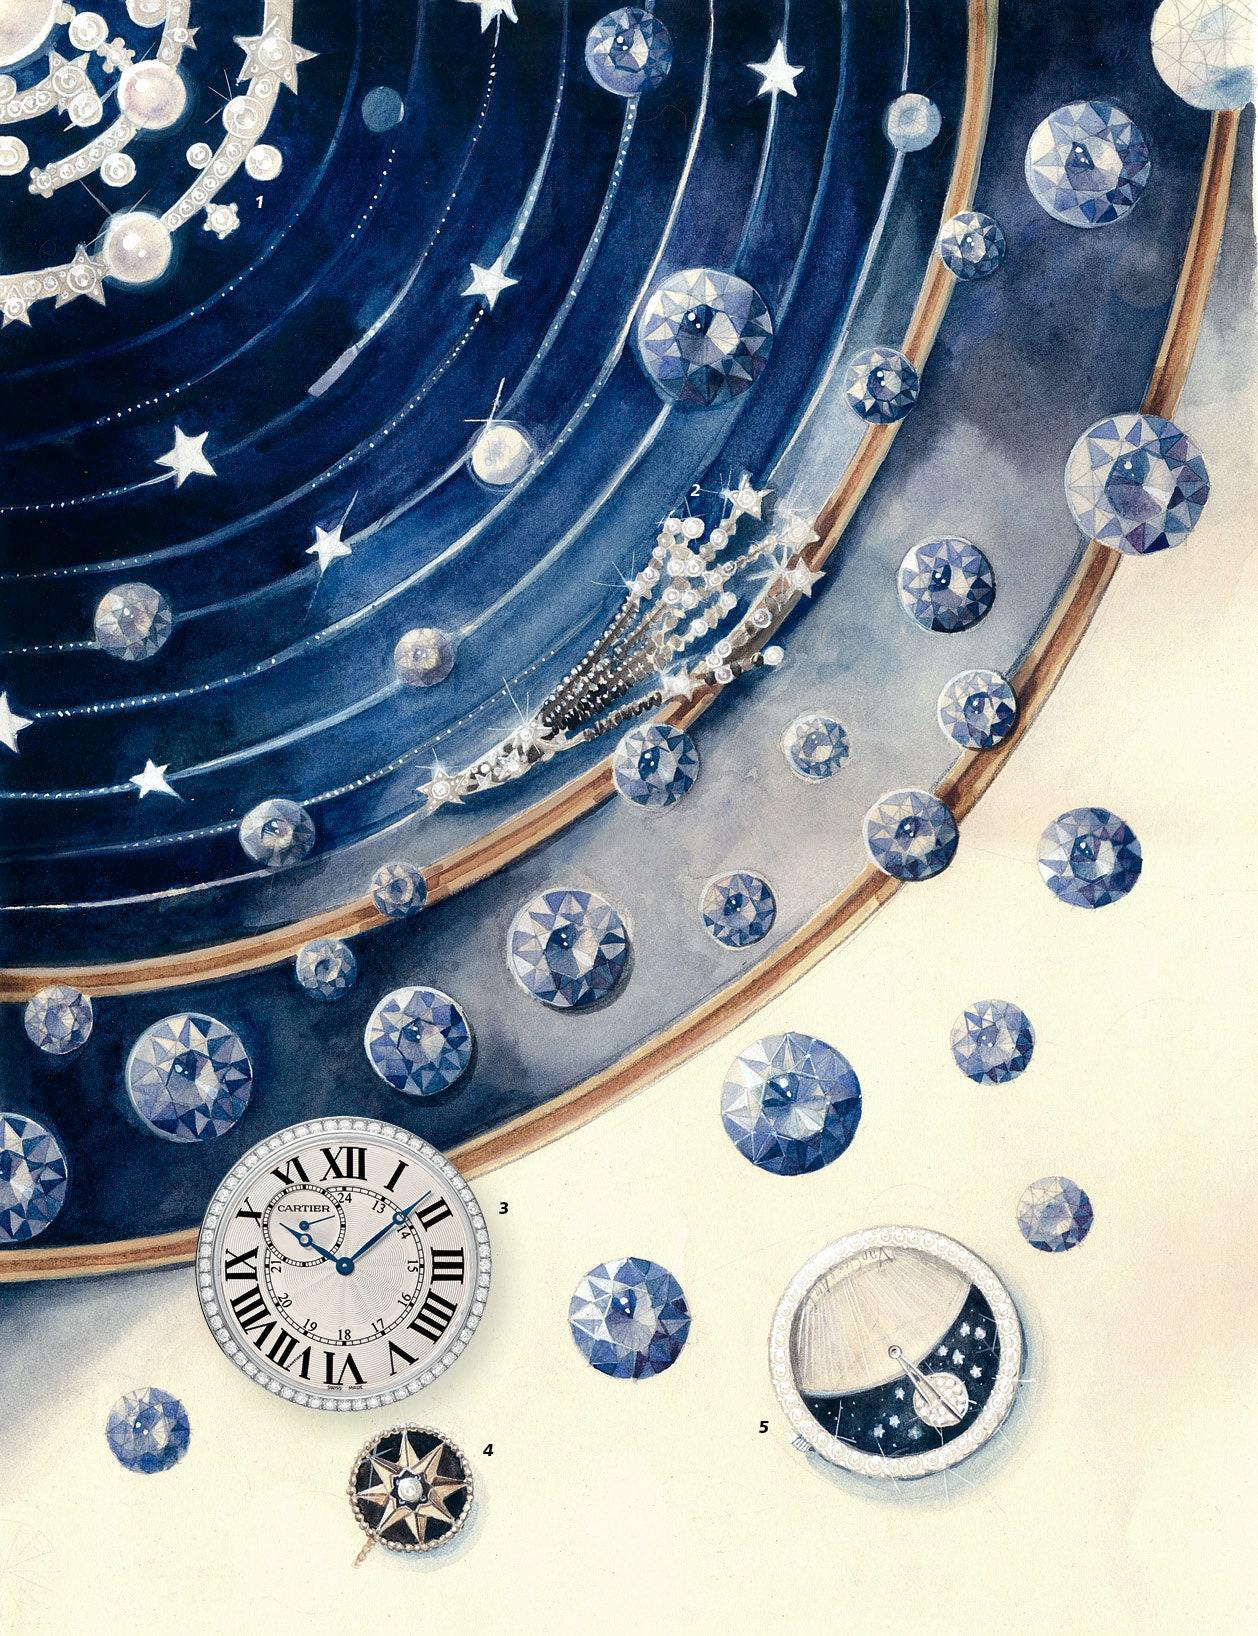 1.  Spirale     Chanel. 2.  Nuit de Diamants      Chanel. 3.  Ronde Louis Cartier       Cartier. 4.  Rose des Vents    ...